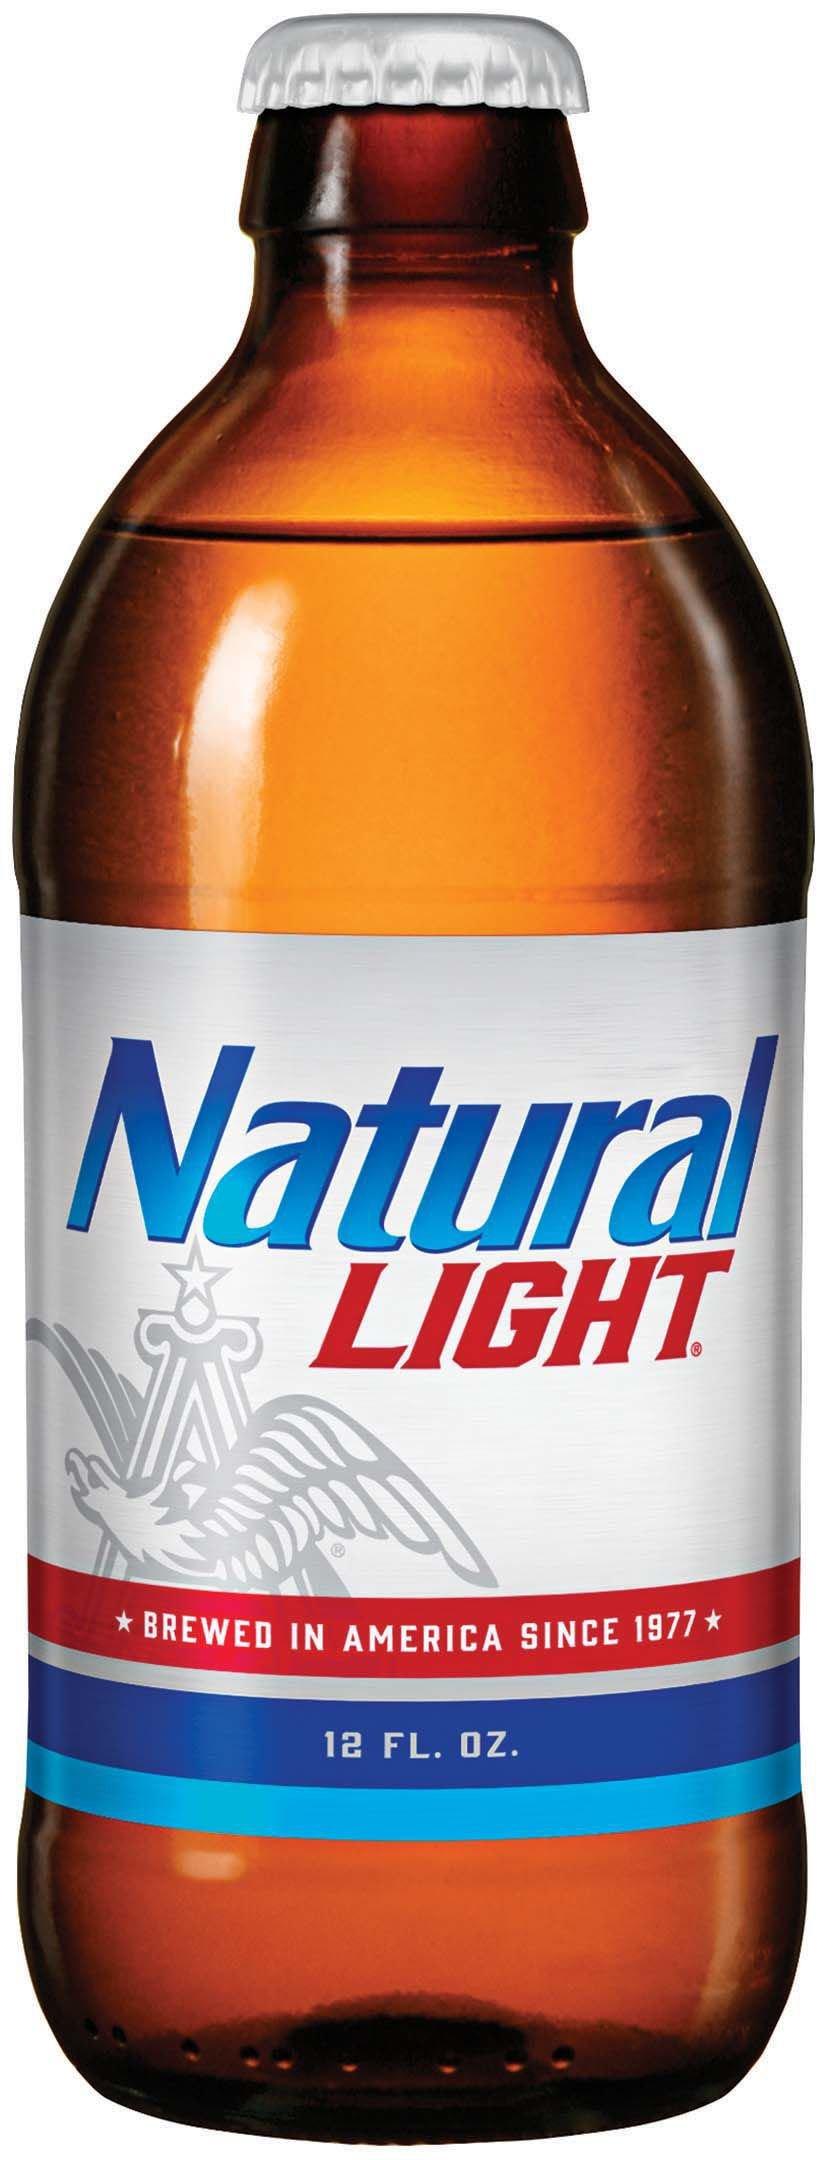 Natural Light In Bottles